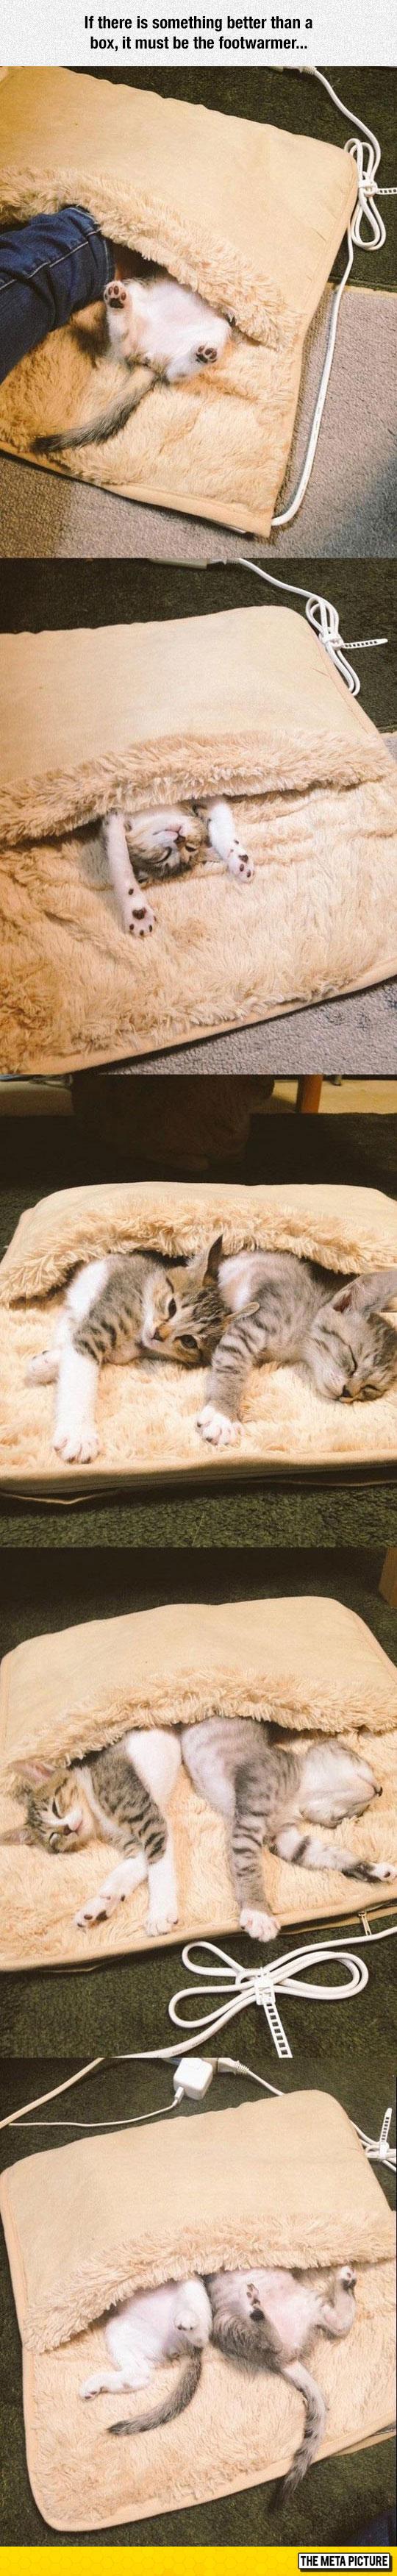 funny-cats-sleeping-foot-warmer